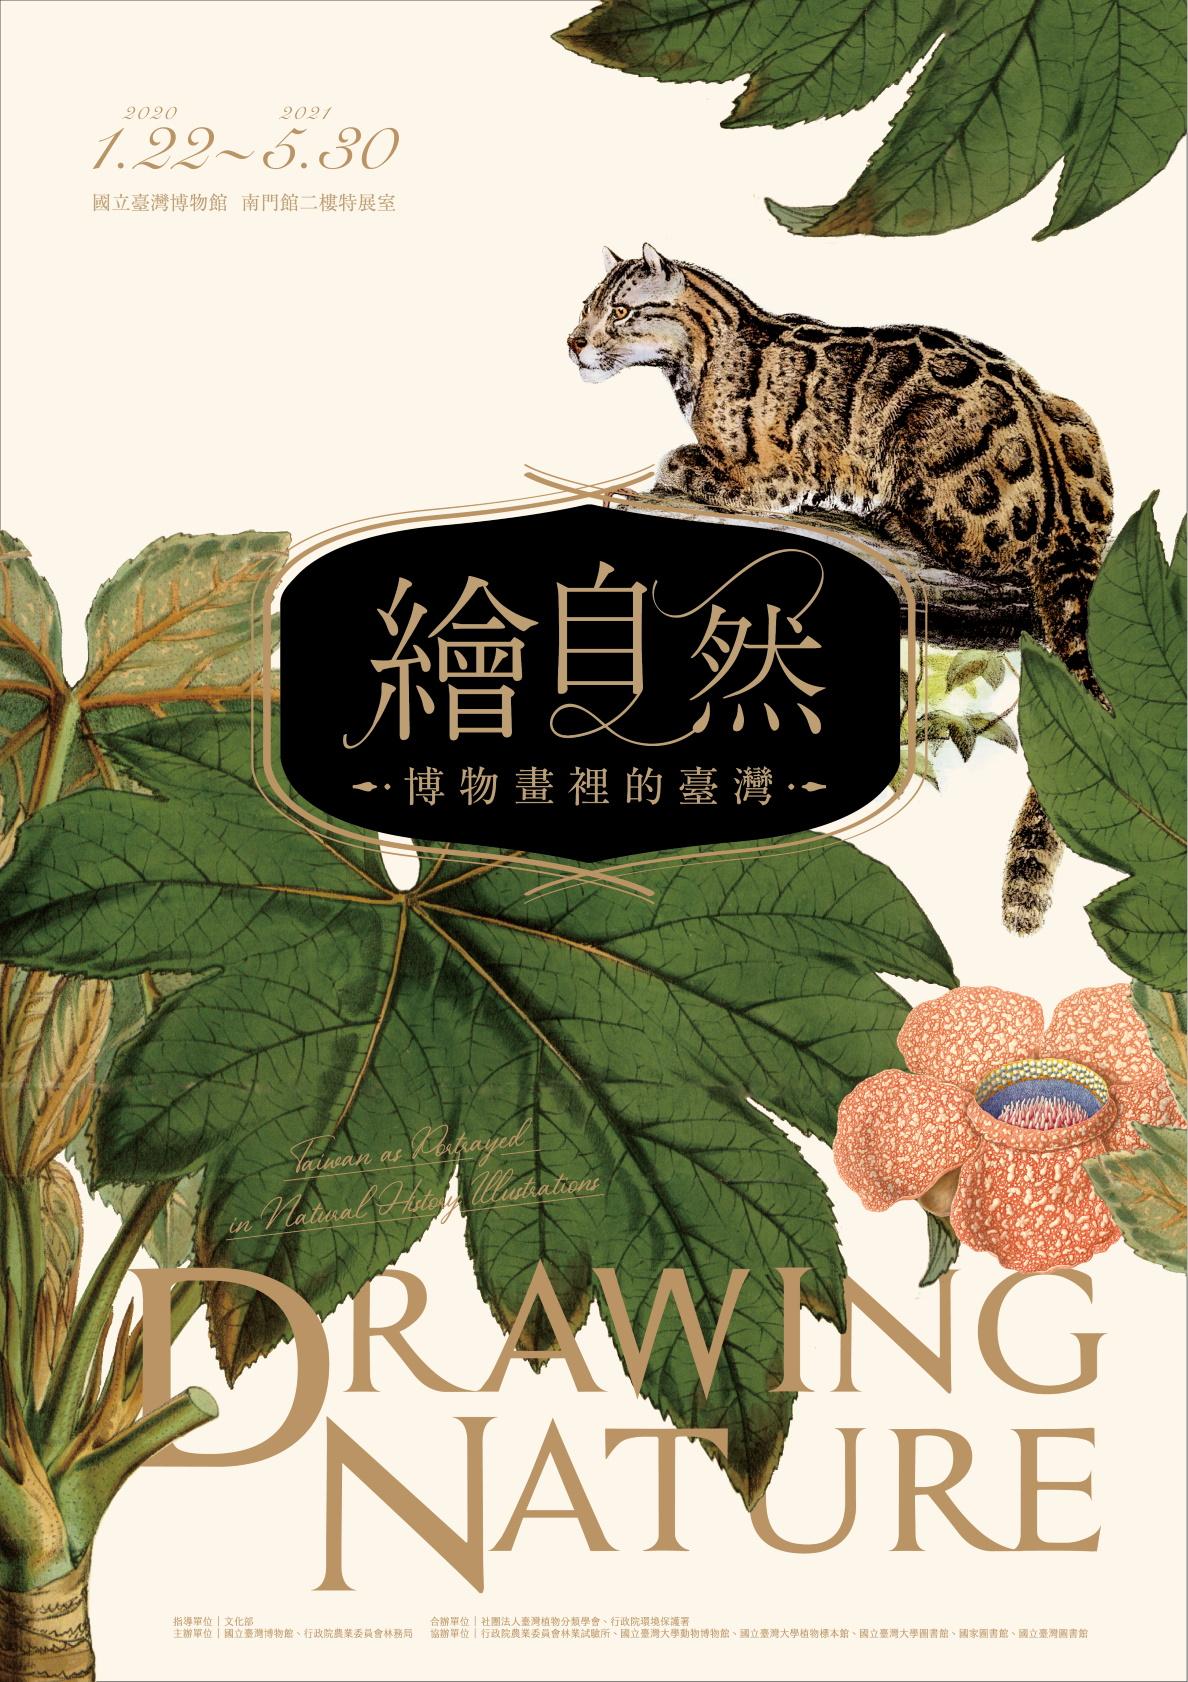 國立臺灣博物館:即日起至2021/5/30【繪自然-博物畫裡的臺灣特展】